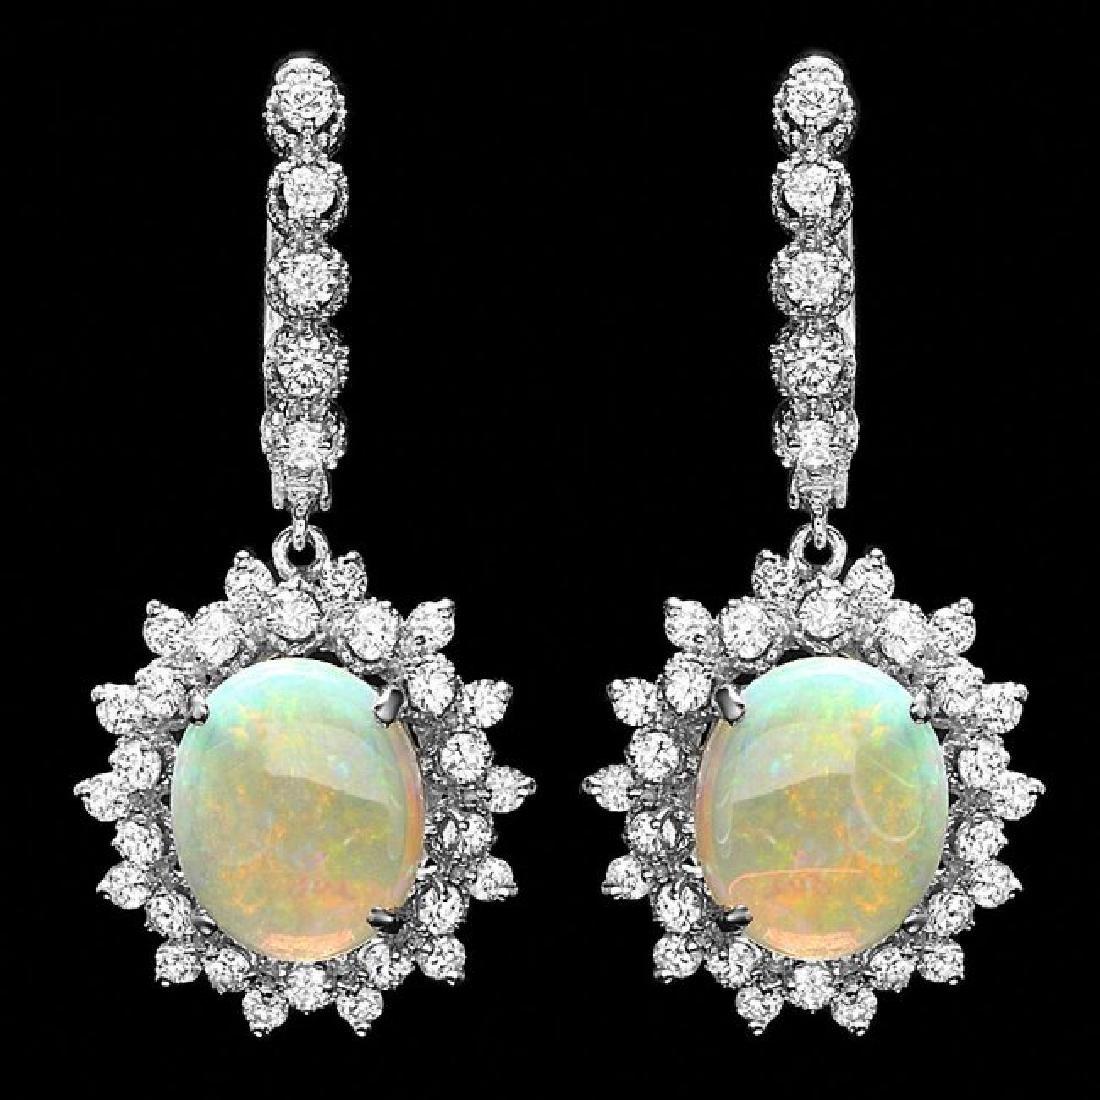 14k Gold 4.50ct Opal 1.90ct Diamond Earrings